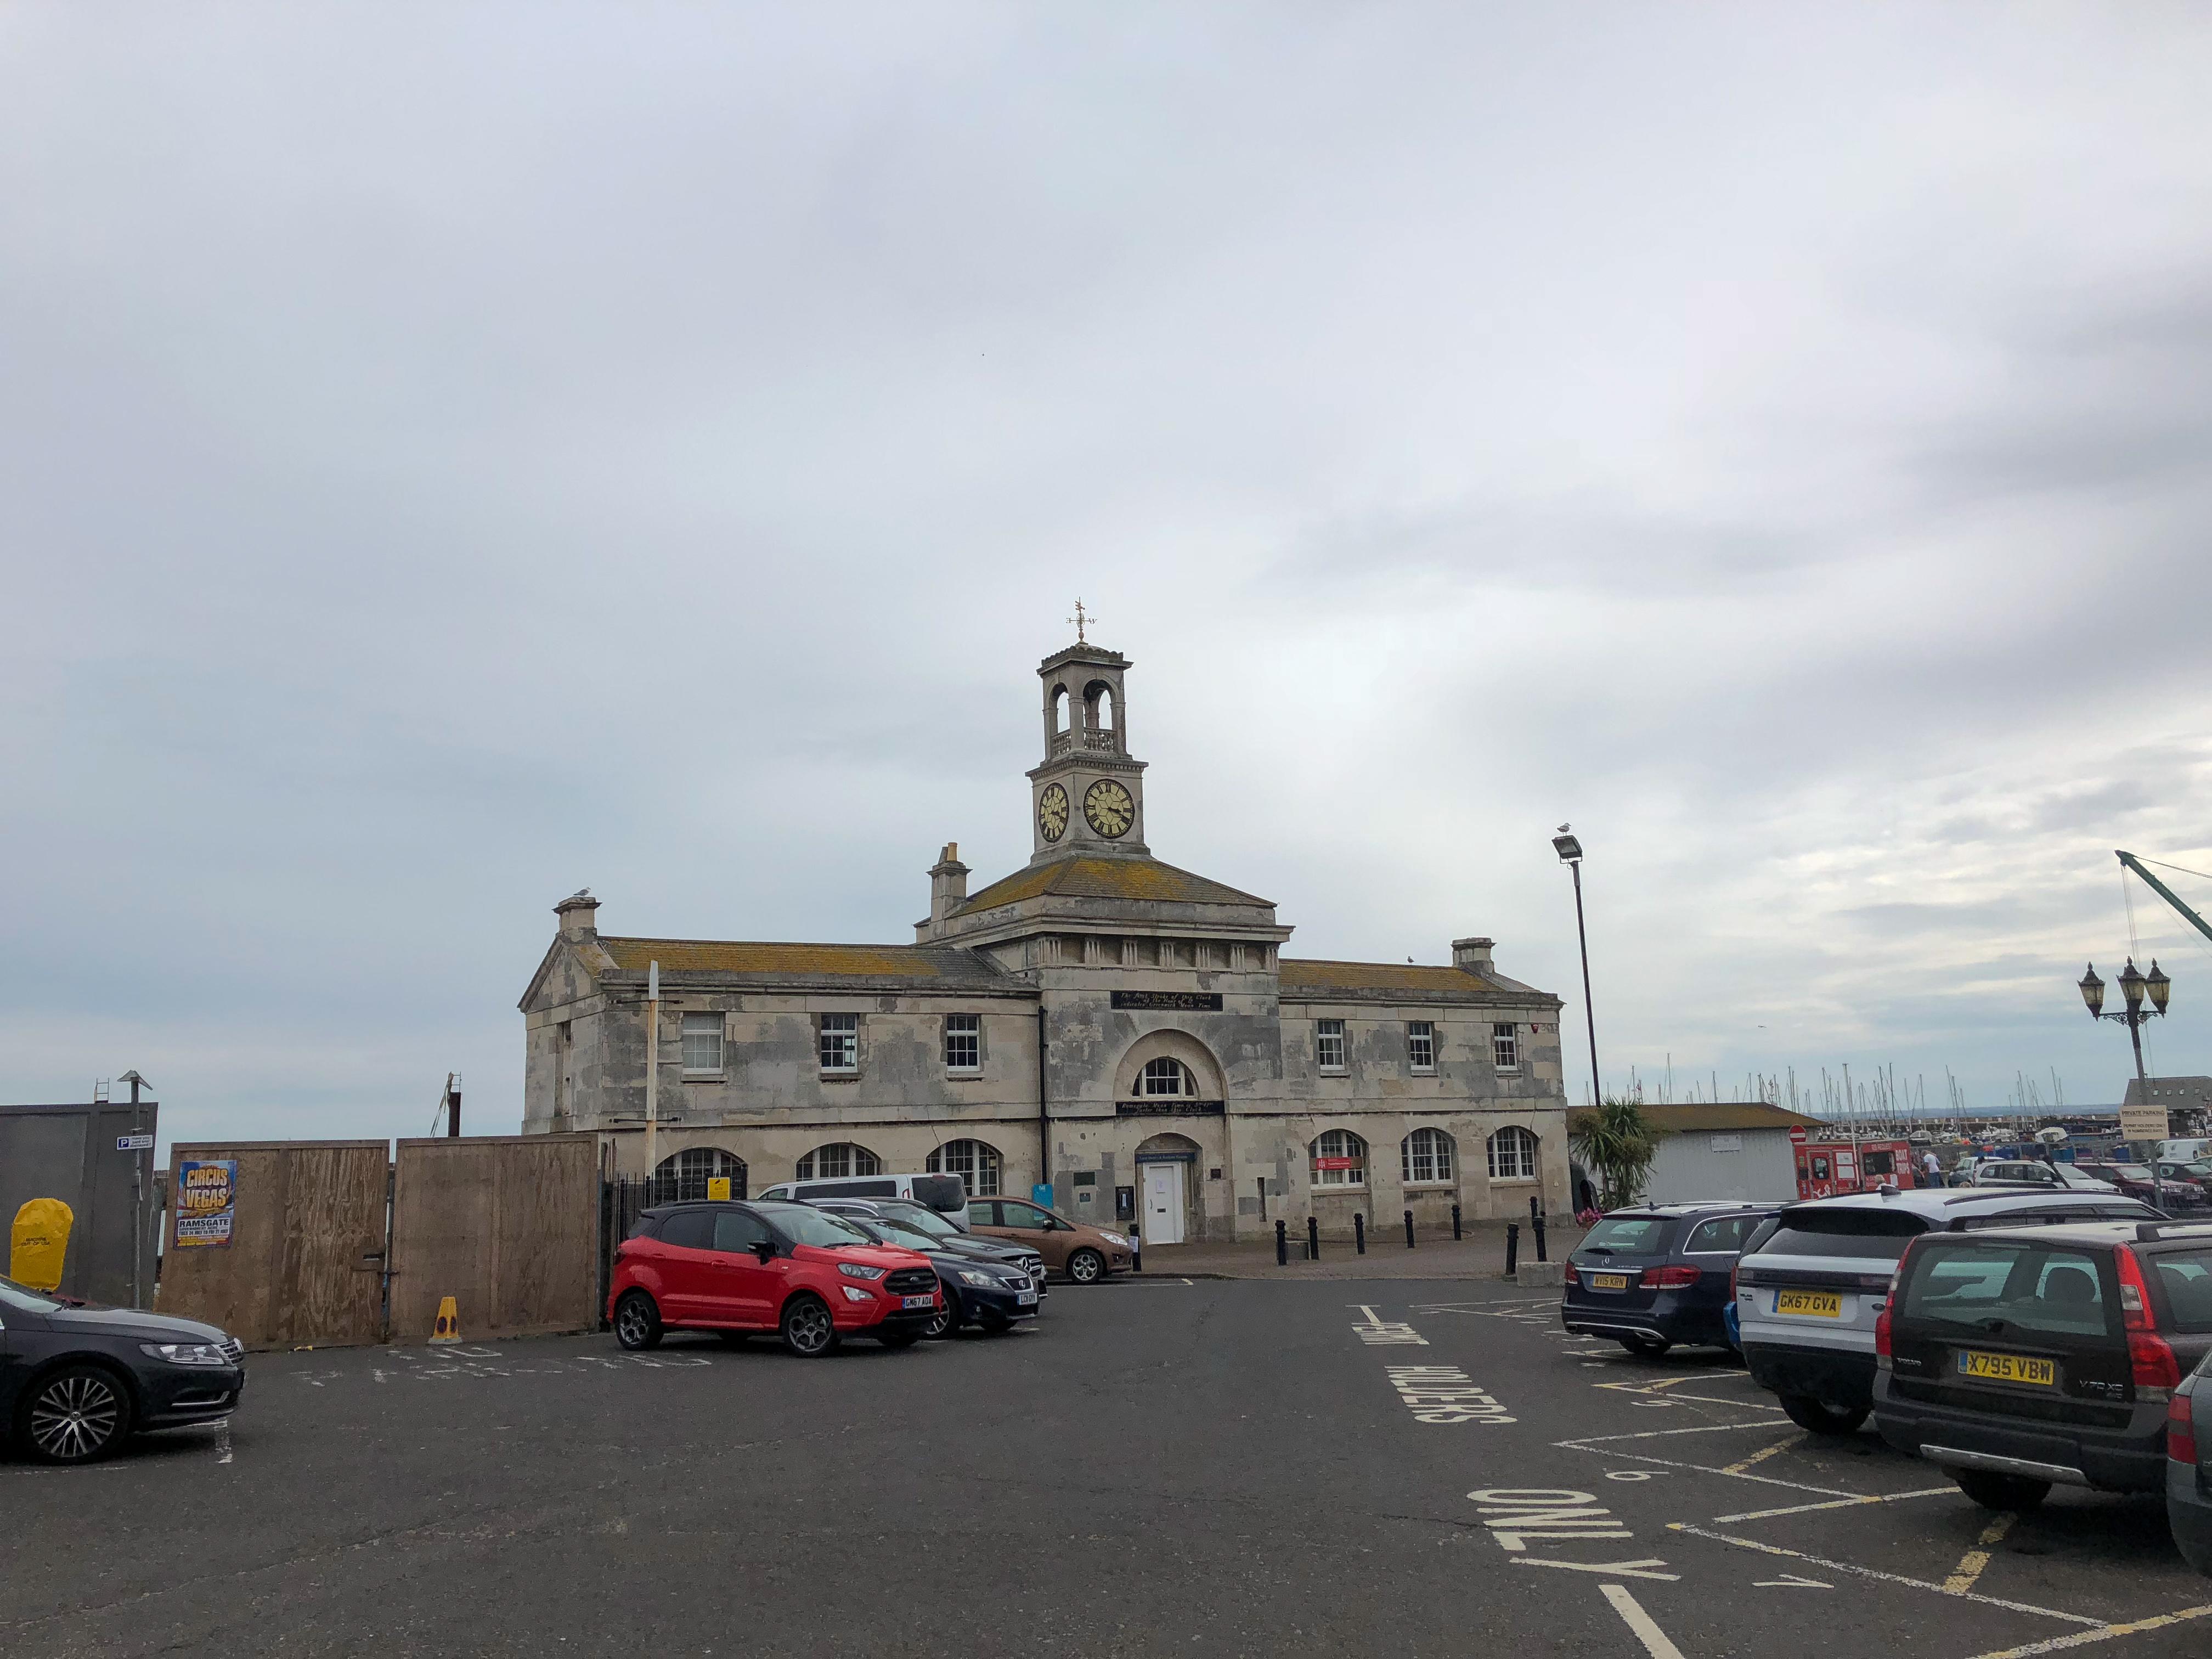 Ramsgate Maritim Museum